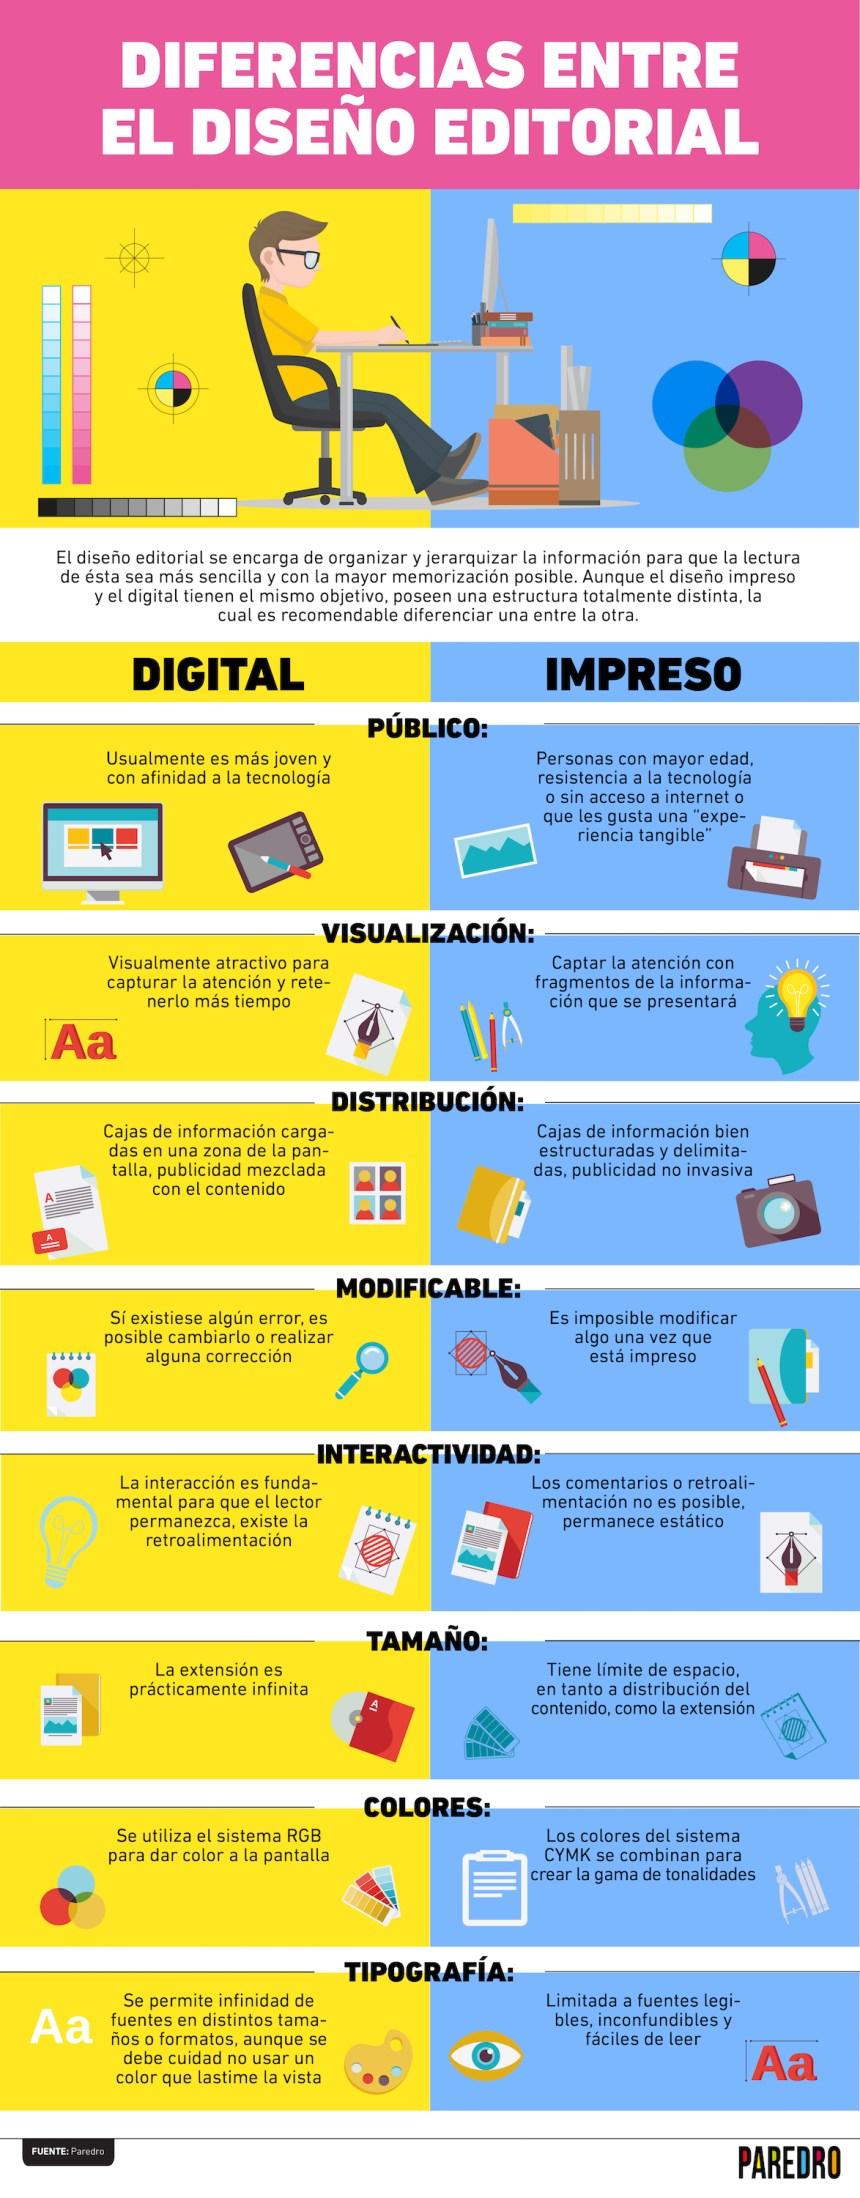 Diferencias entre diseño impreso y diseño digital